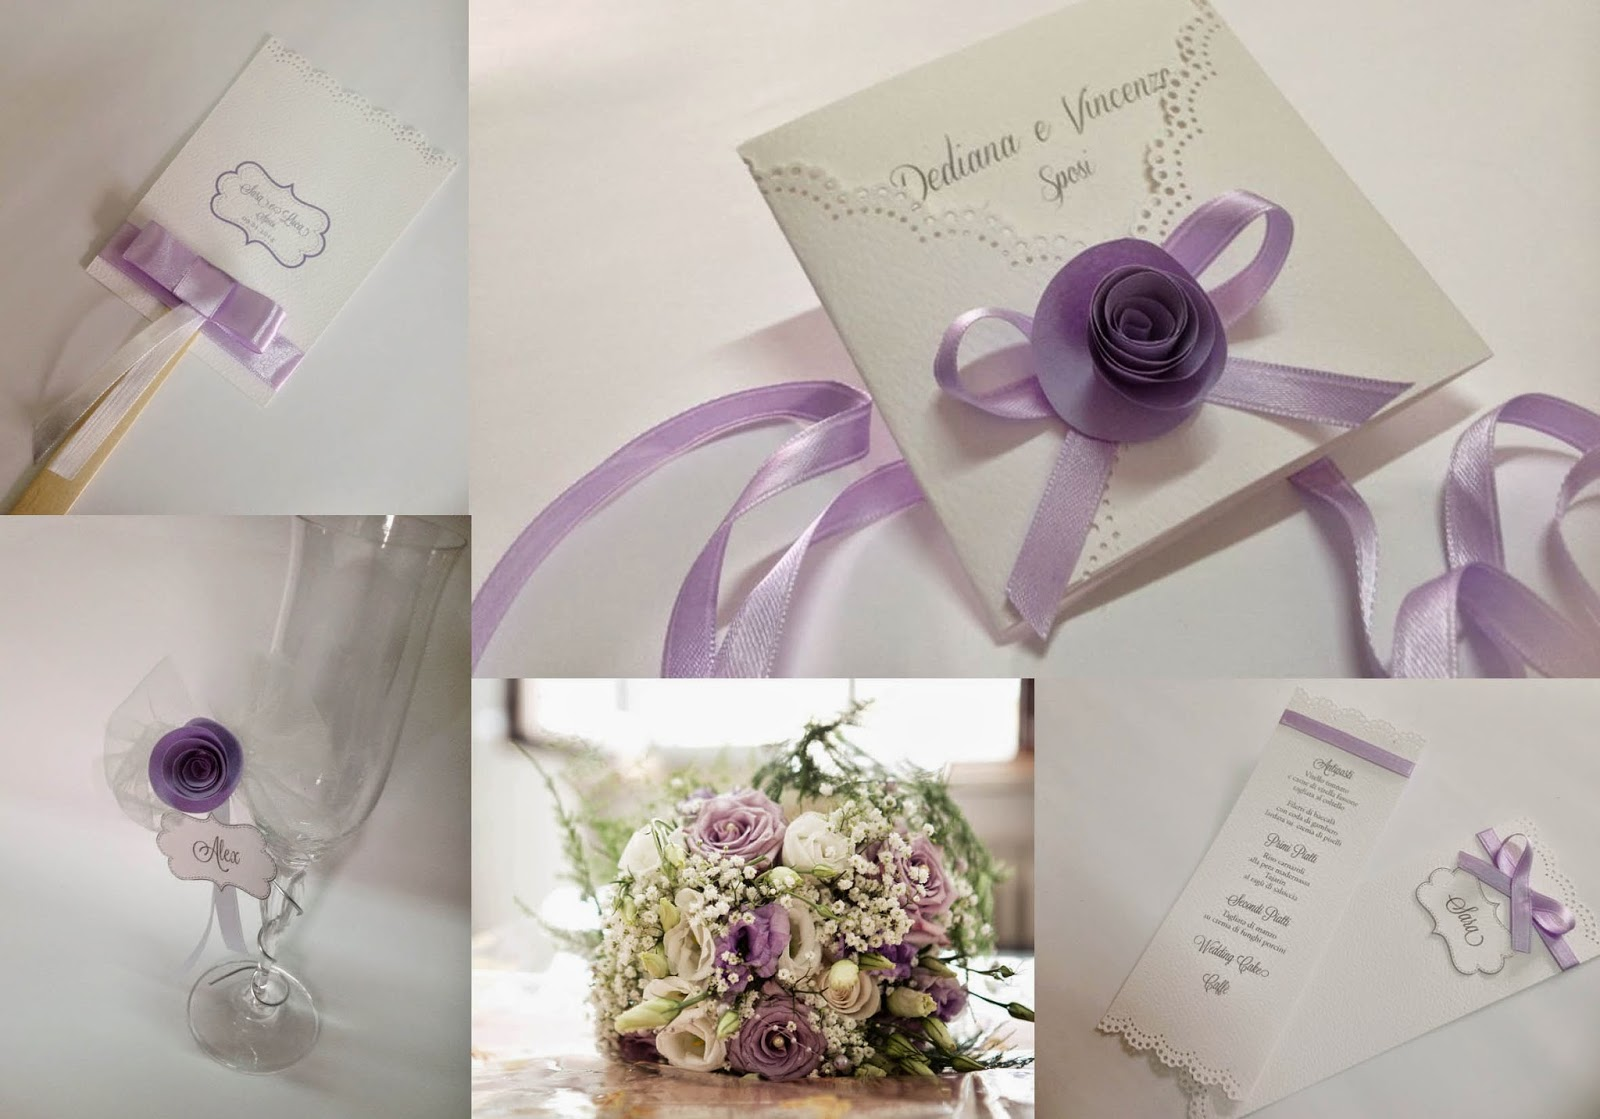 Matrimonio In Lilla : Matrimonio in lilla coordinato per le nozze